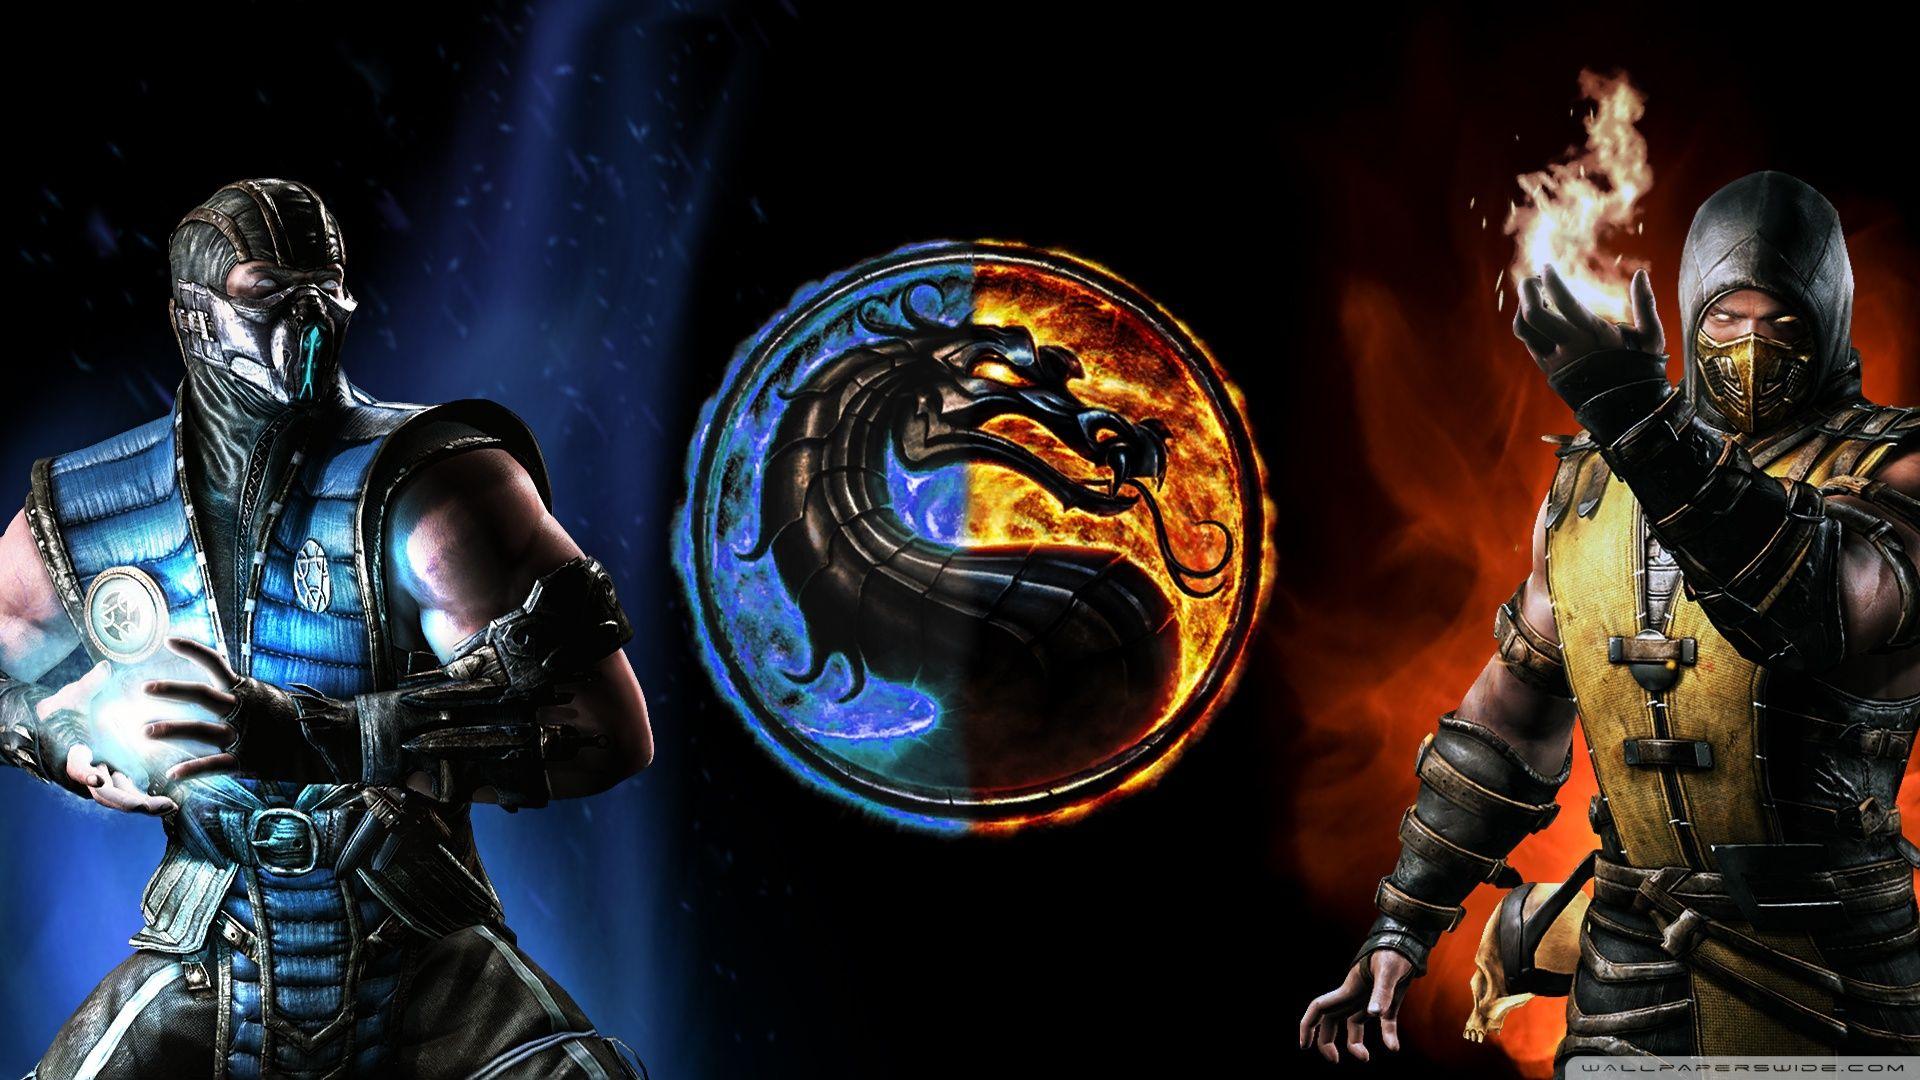 Обои Mortal kombat. Игры foto 12